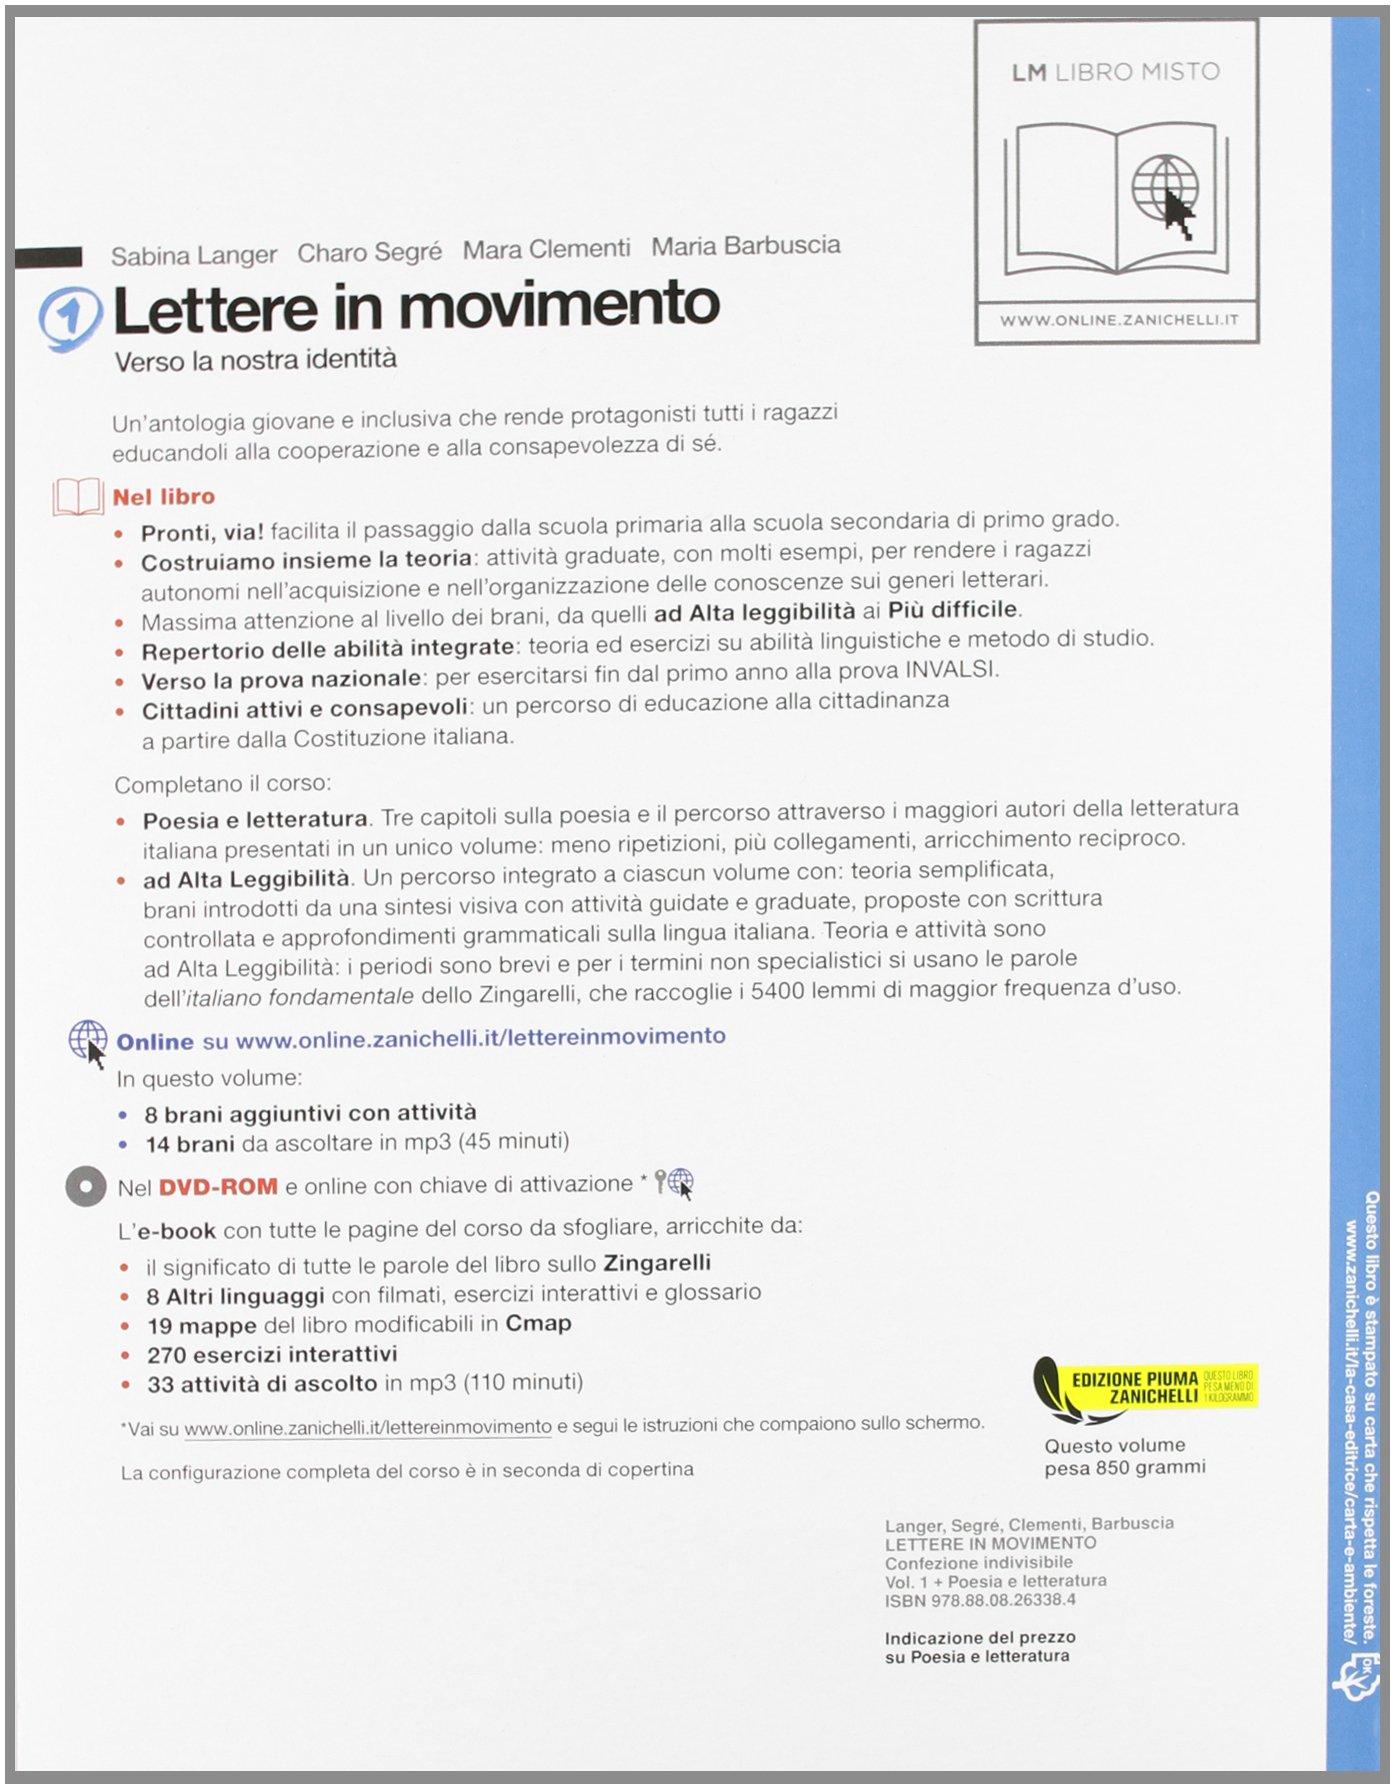 Letteratura italiana zanichelli online dating